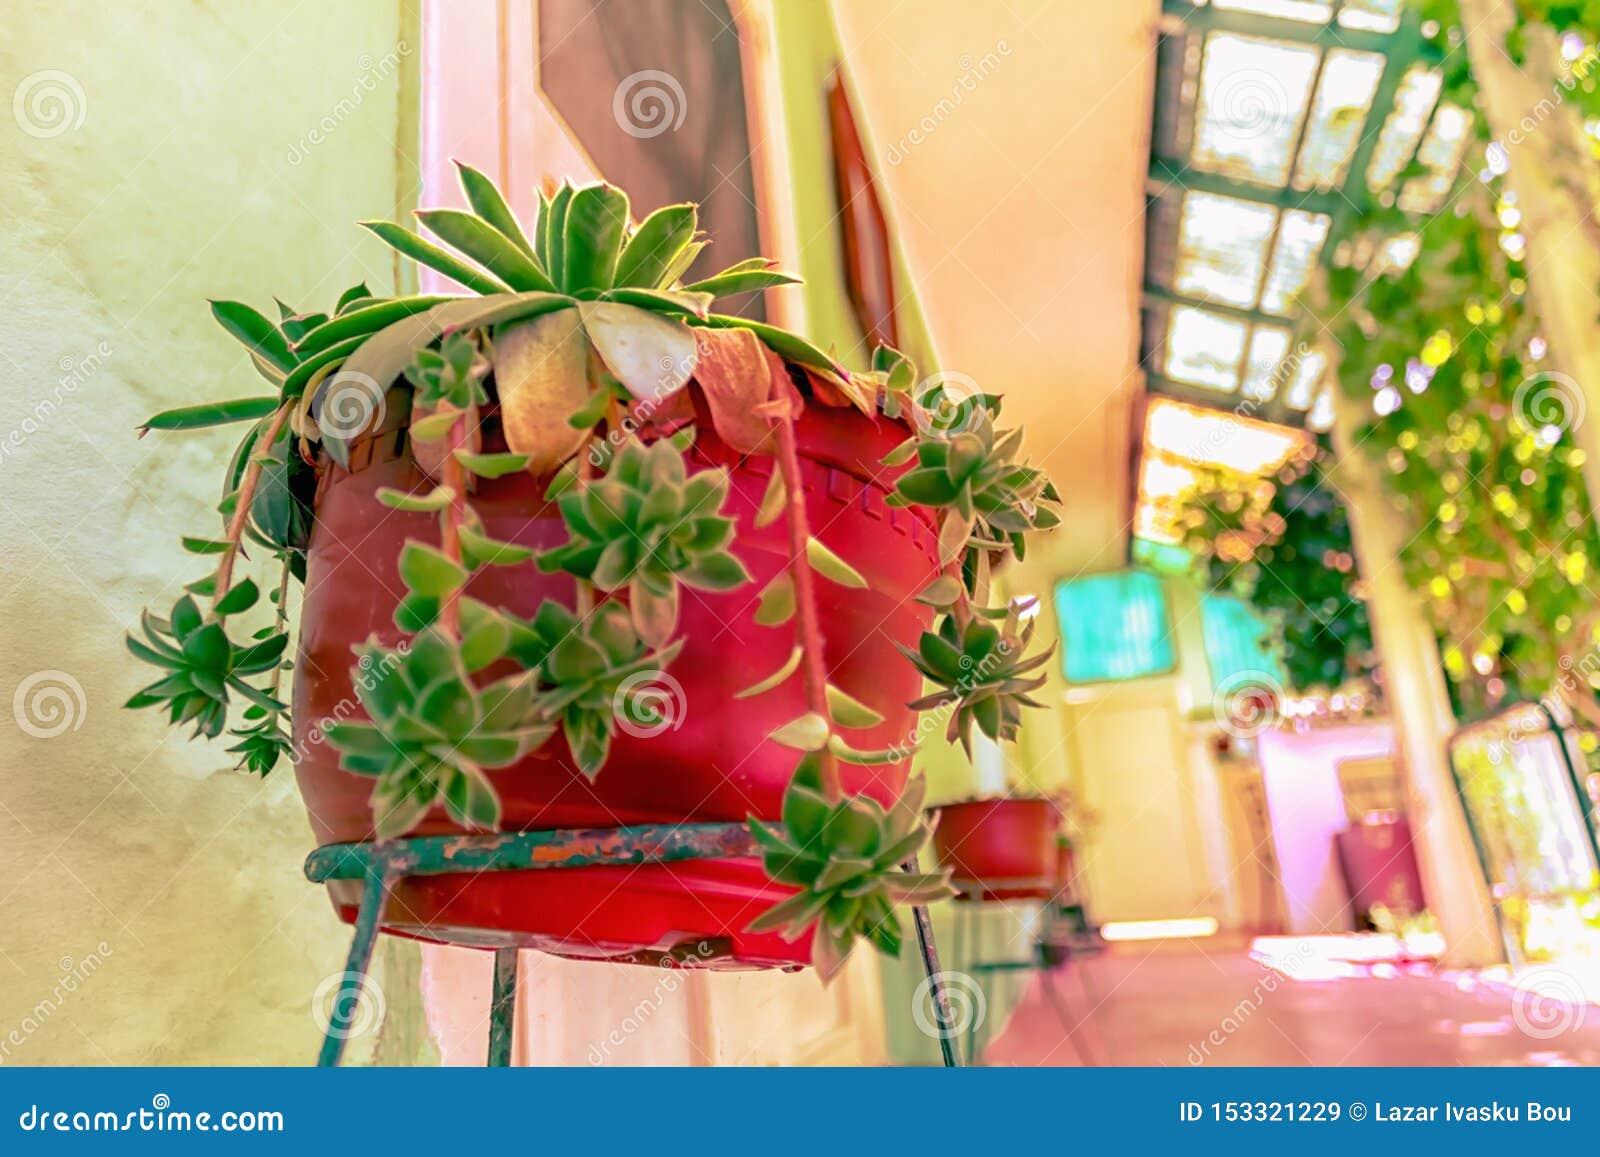 Cactus méditerranéen dans le pot rouge